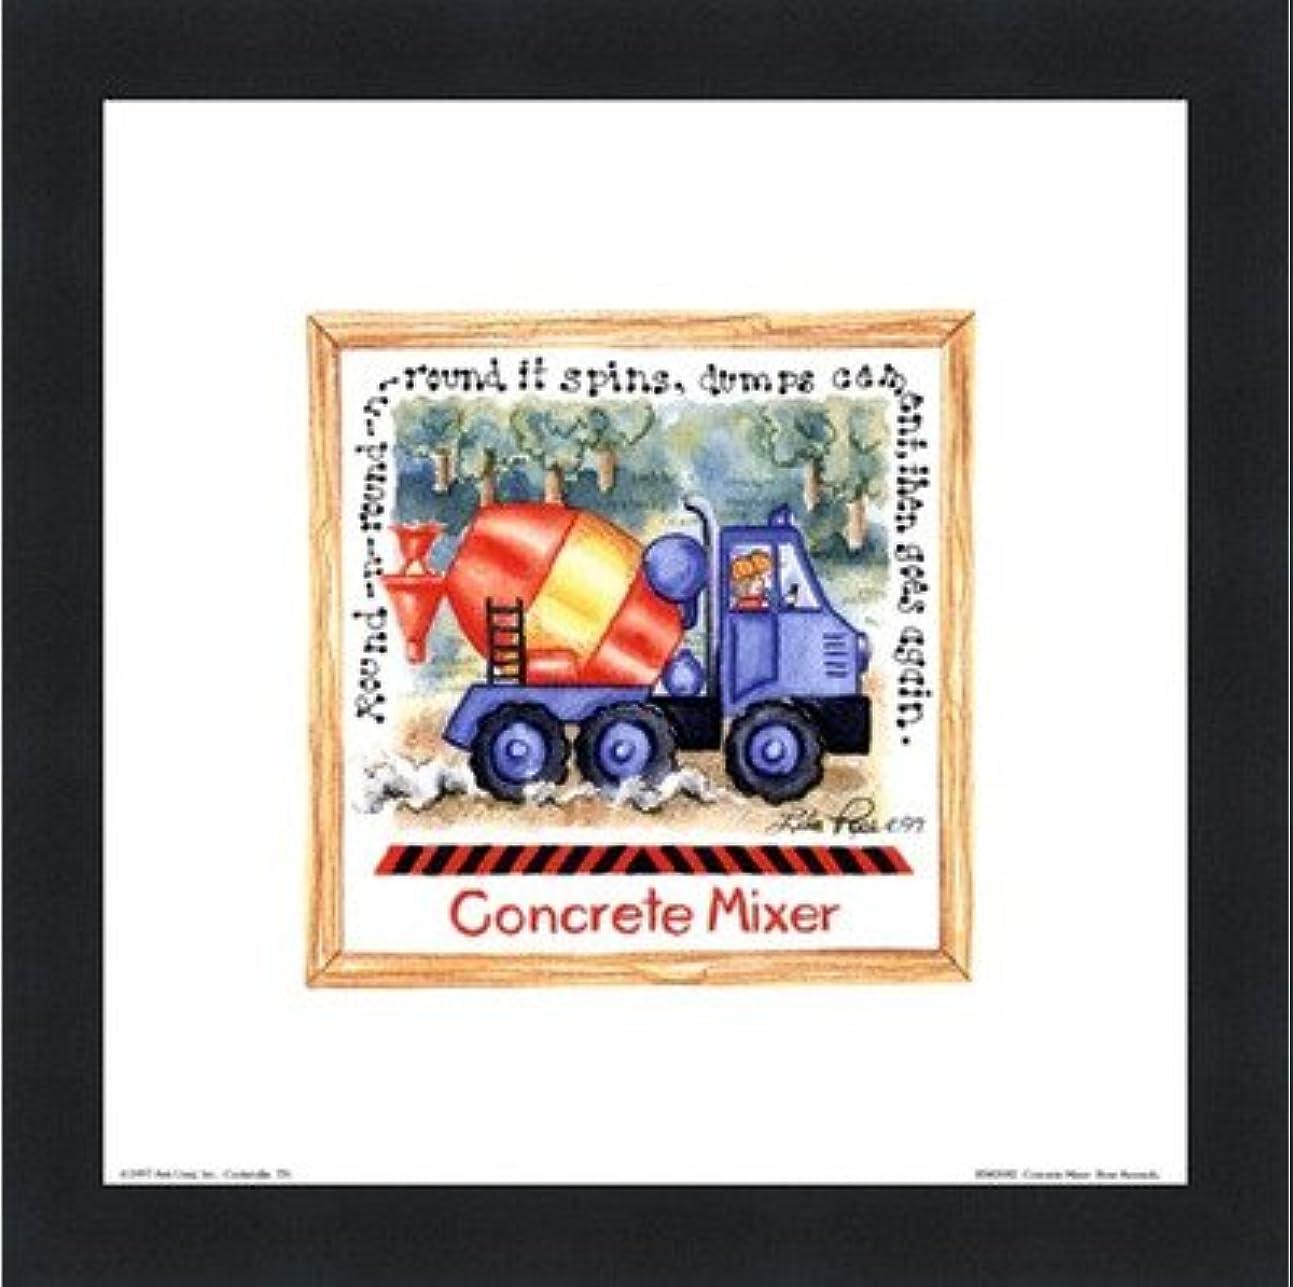 摘むどんなときも知事コンクリートミキサーby Lila Rose Kennedy – 8 x 8インチ – アートプリントポスター LE_391264-F101-8x8